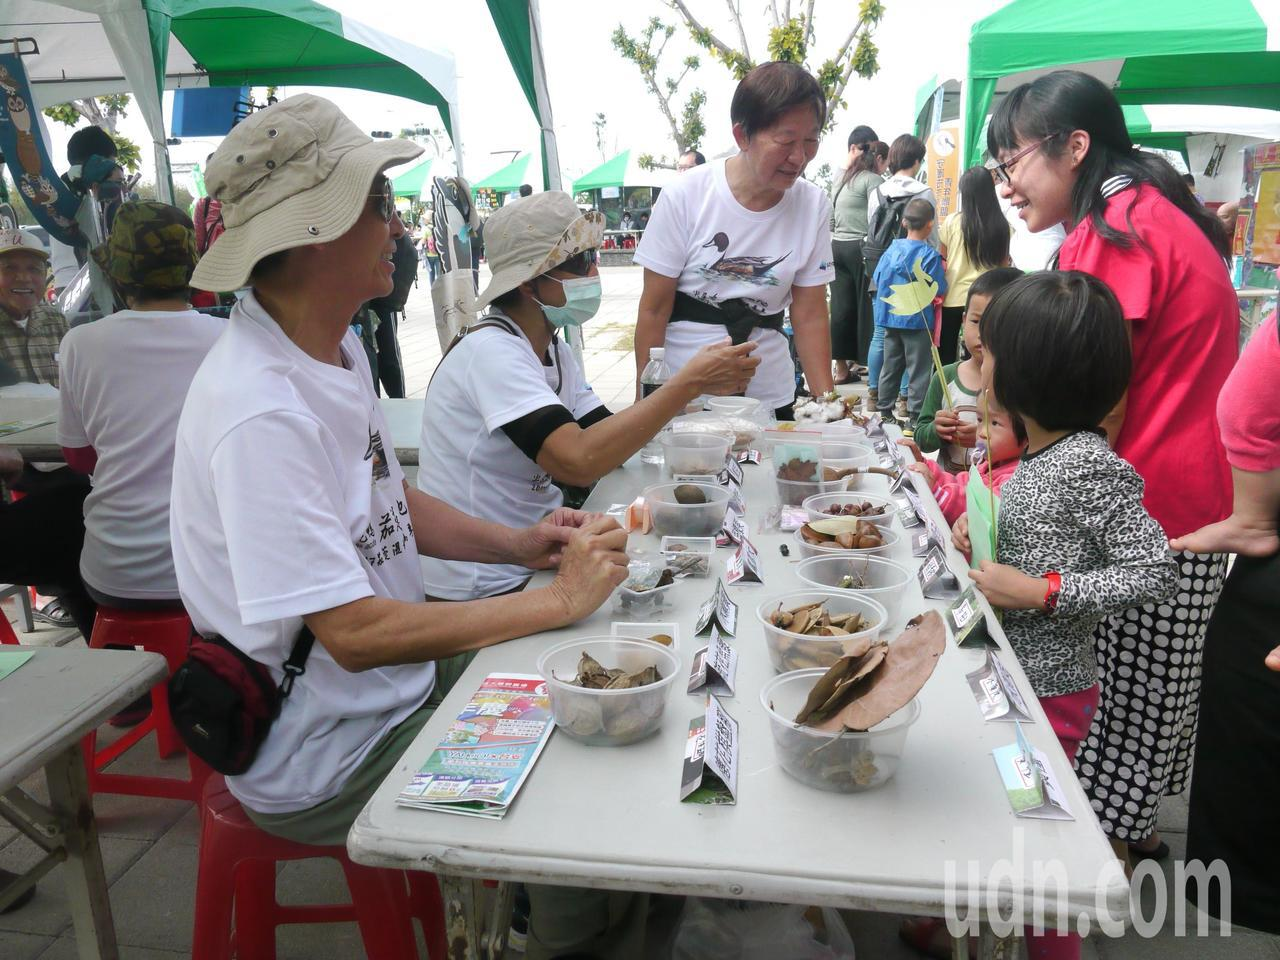 許多保育團體參與「茄萣濕地生態候鳥季」,志工教導小朋友認識樹木種子。記者徐白櫻/...